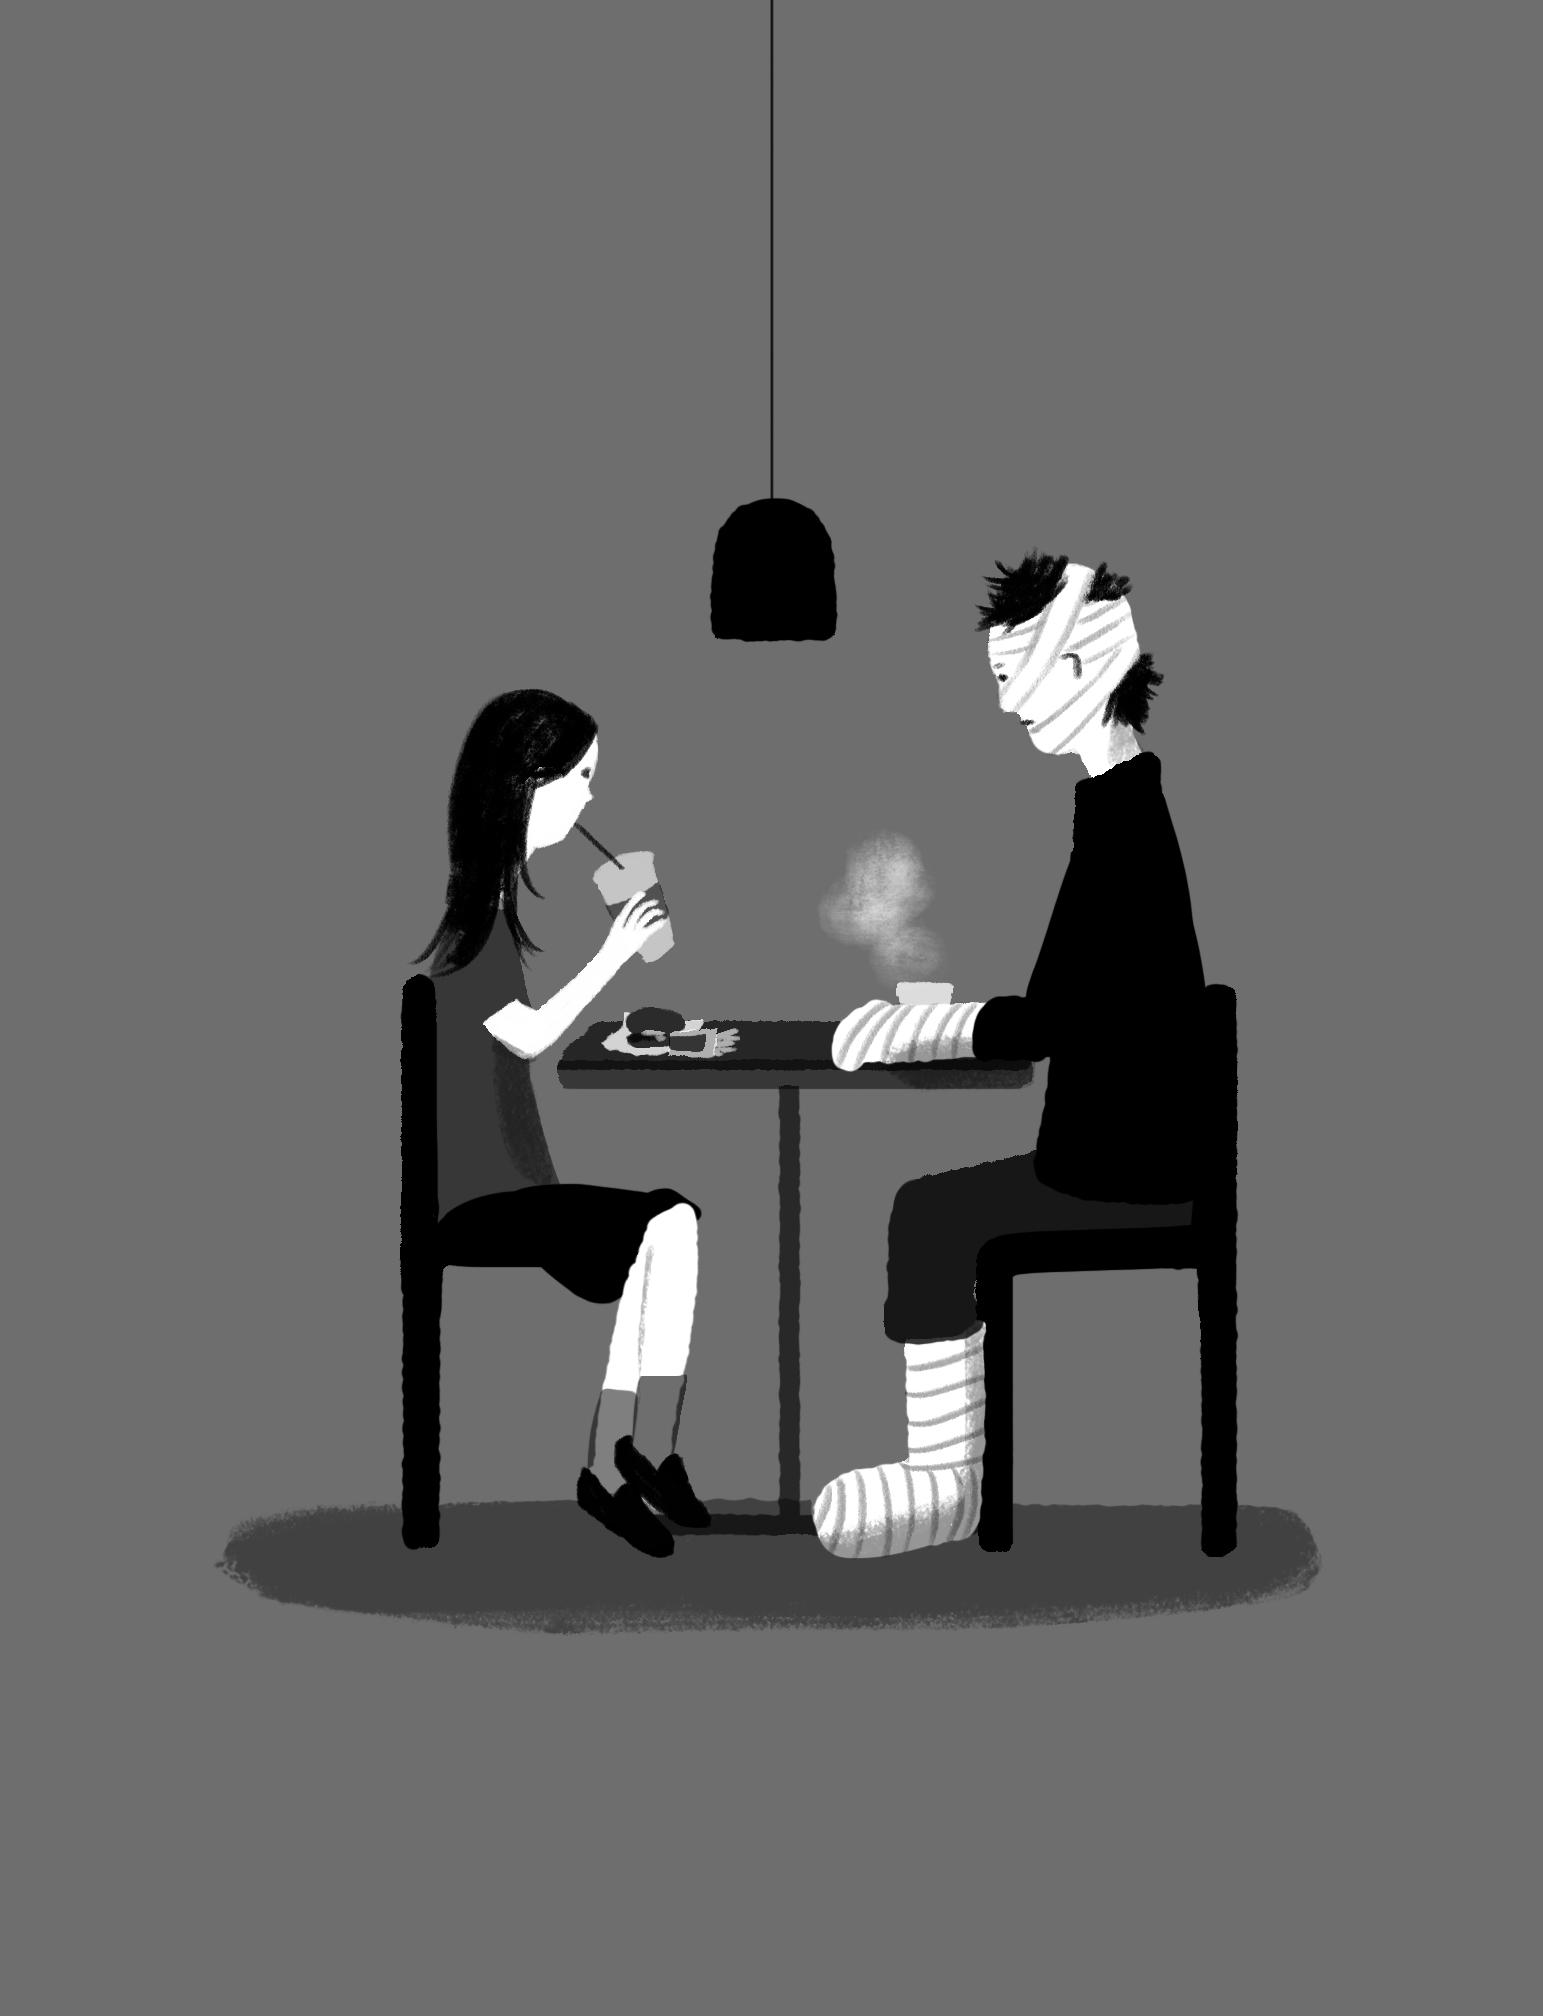 少女と包帯の男